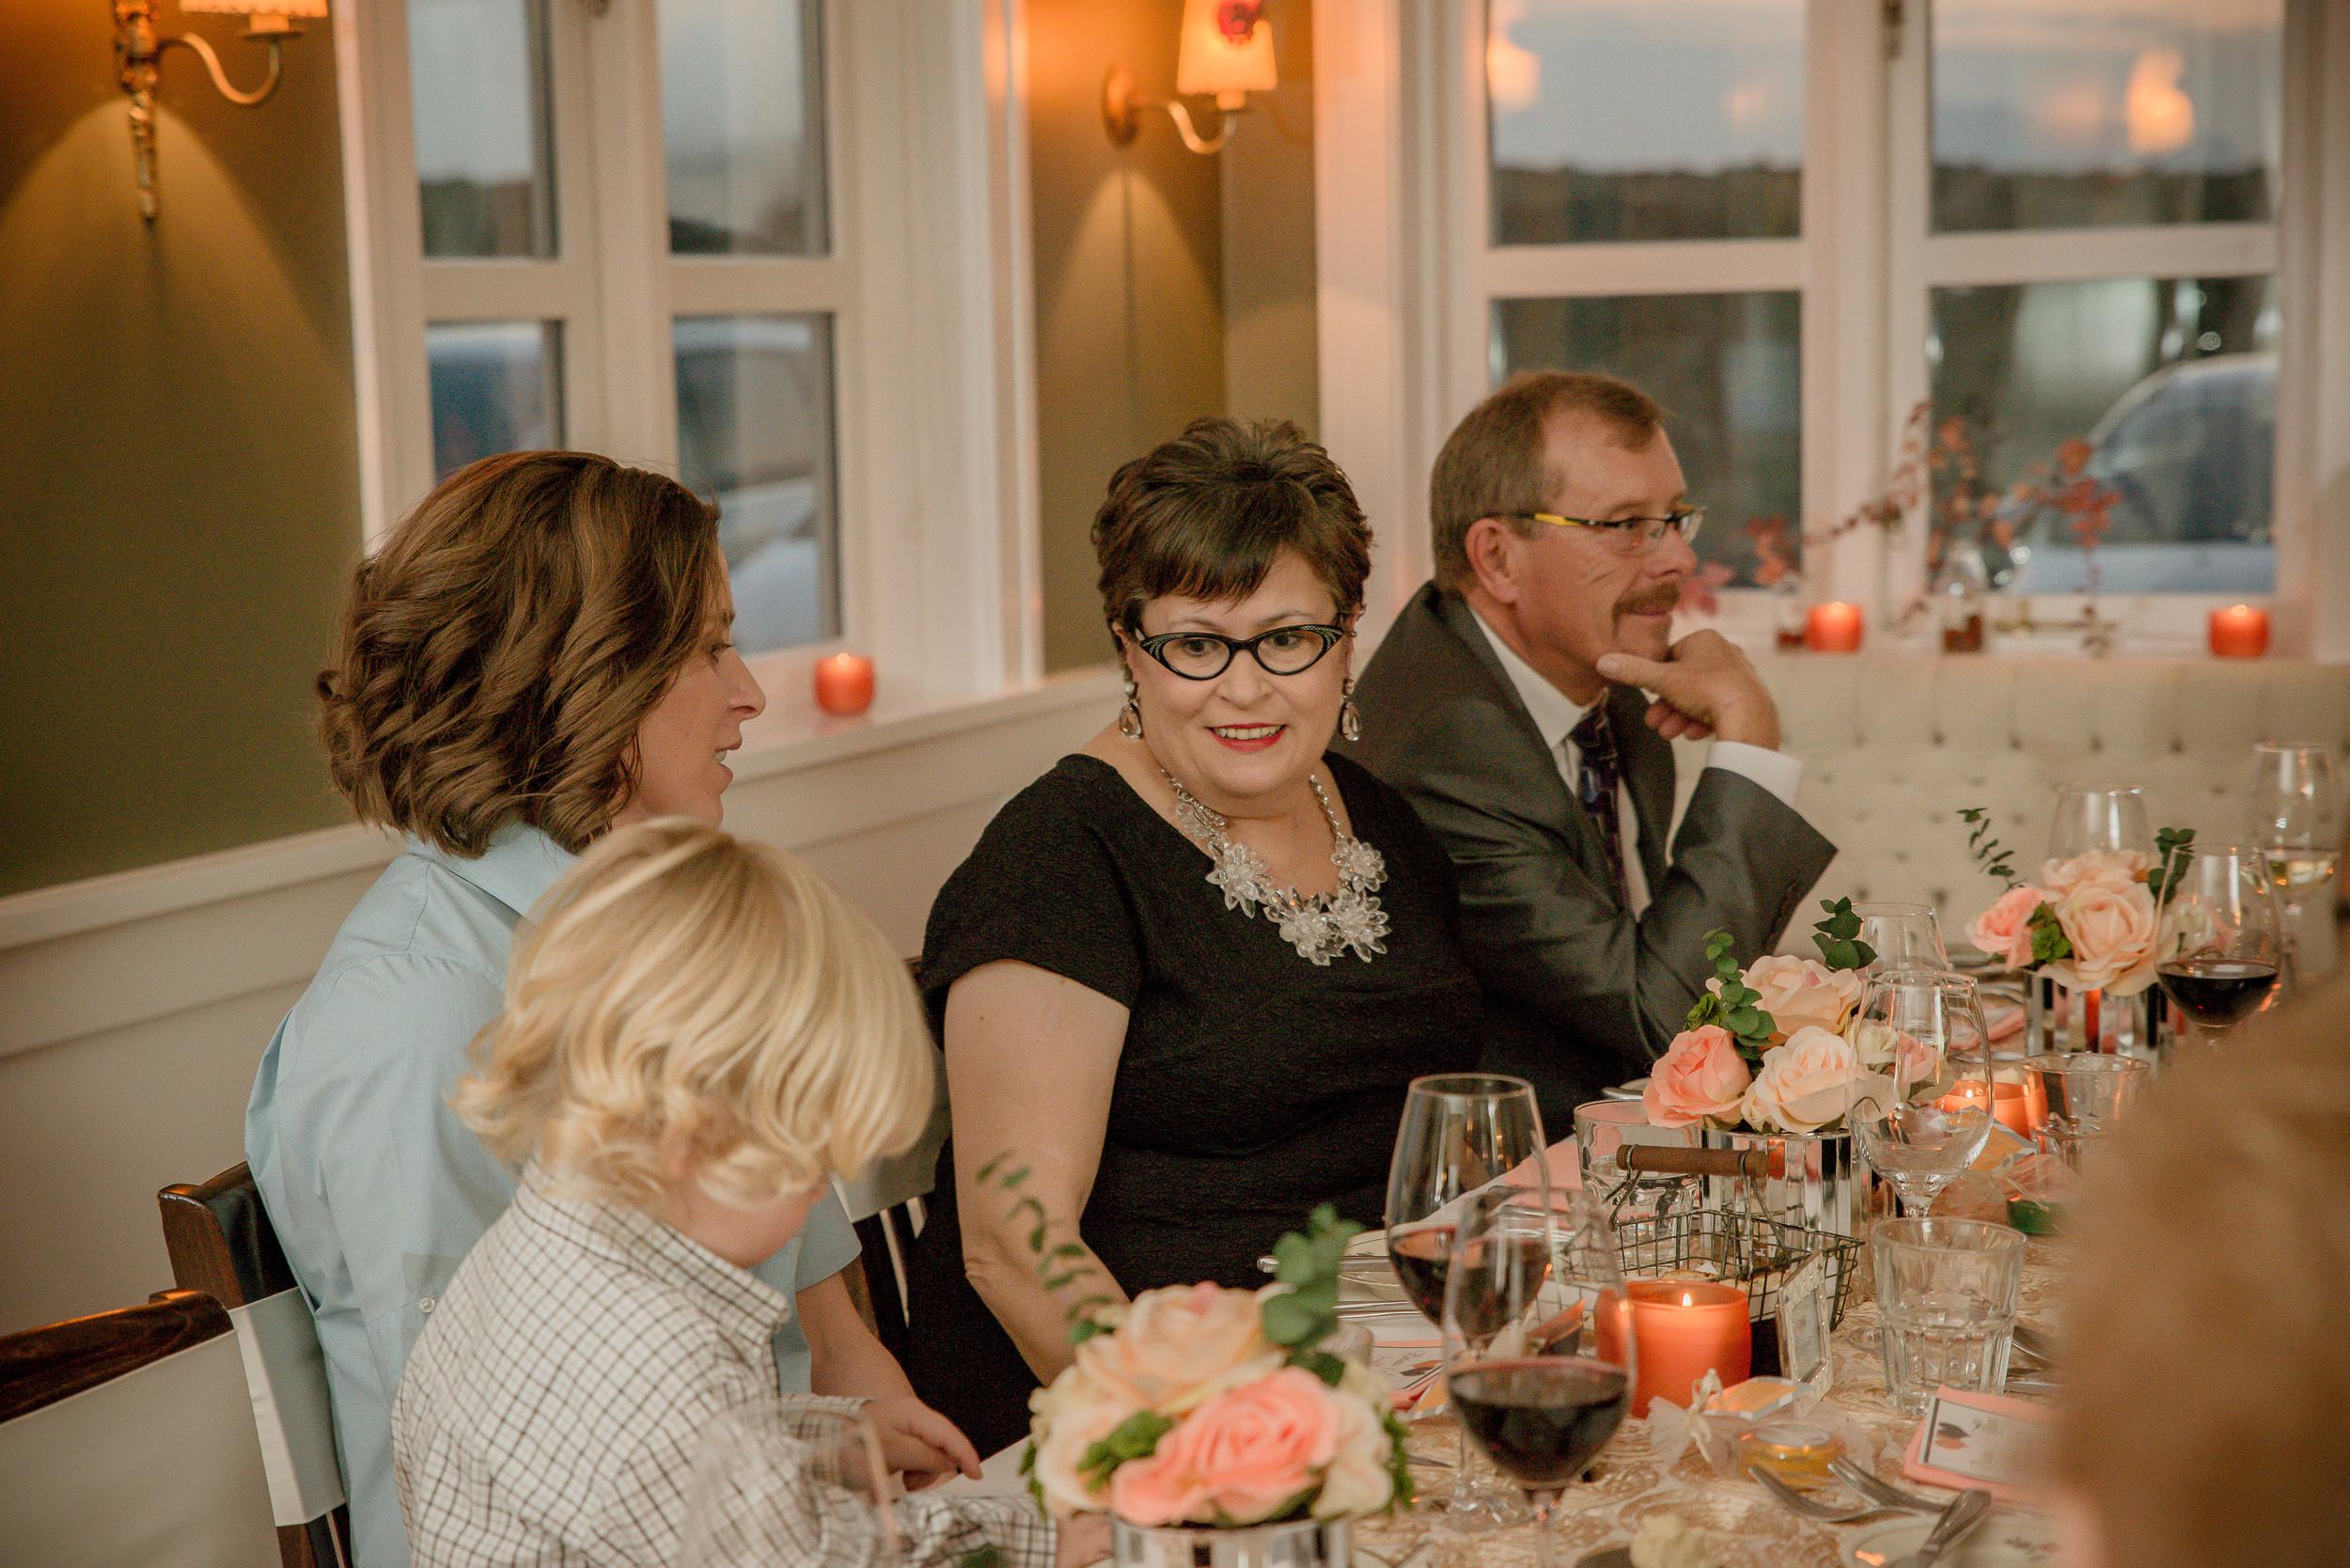 Iceland-Wedding-Photographer-Photos-by-Miss-Ann-50.jpg